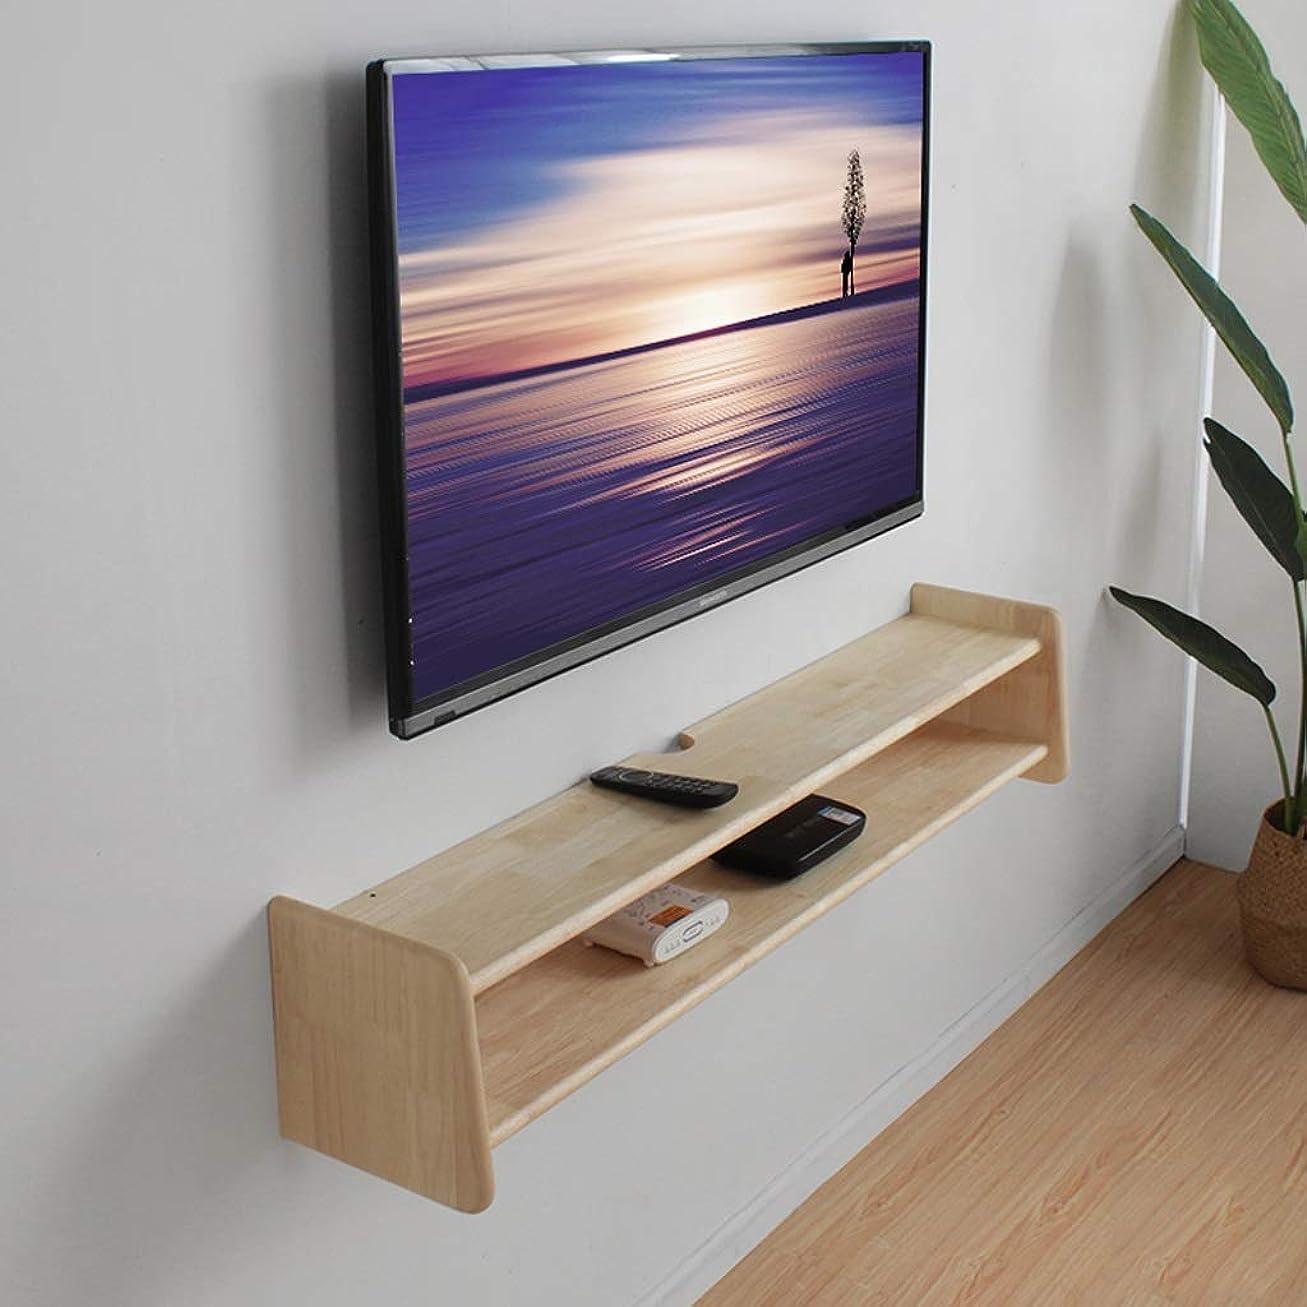 把握グラフ良心壁掛けテレビキャビネットオーディオとビデオの棚ソリッドウッド製壁面シェルフフローティング棚セットトップボックスルーターCDDVDプレーヤー収納棚テレビコンソール (Size : 80cm)